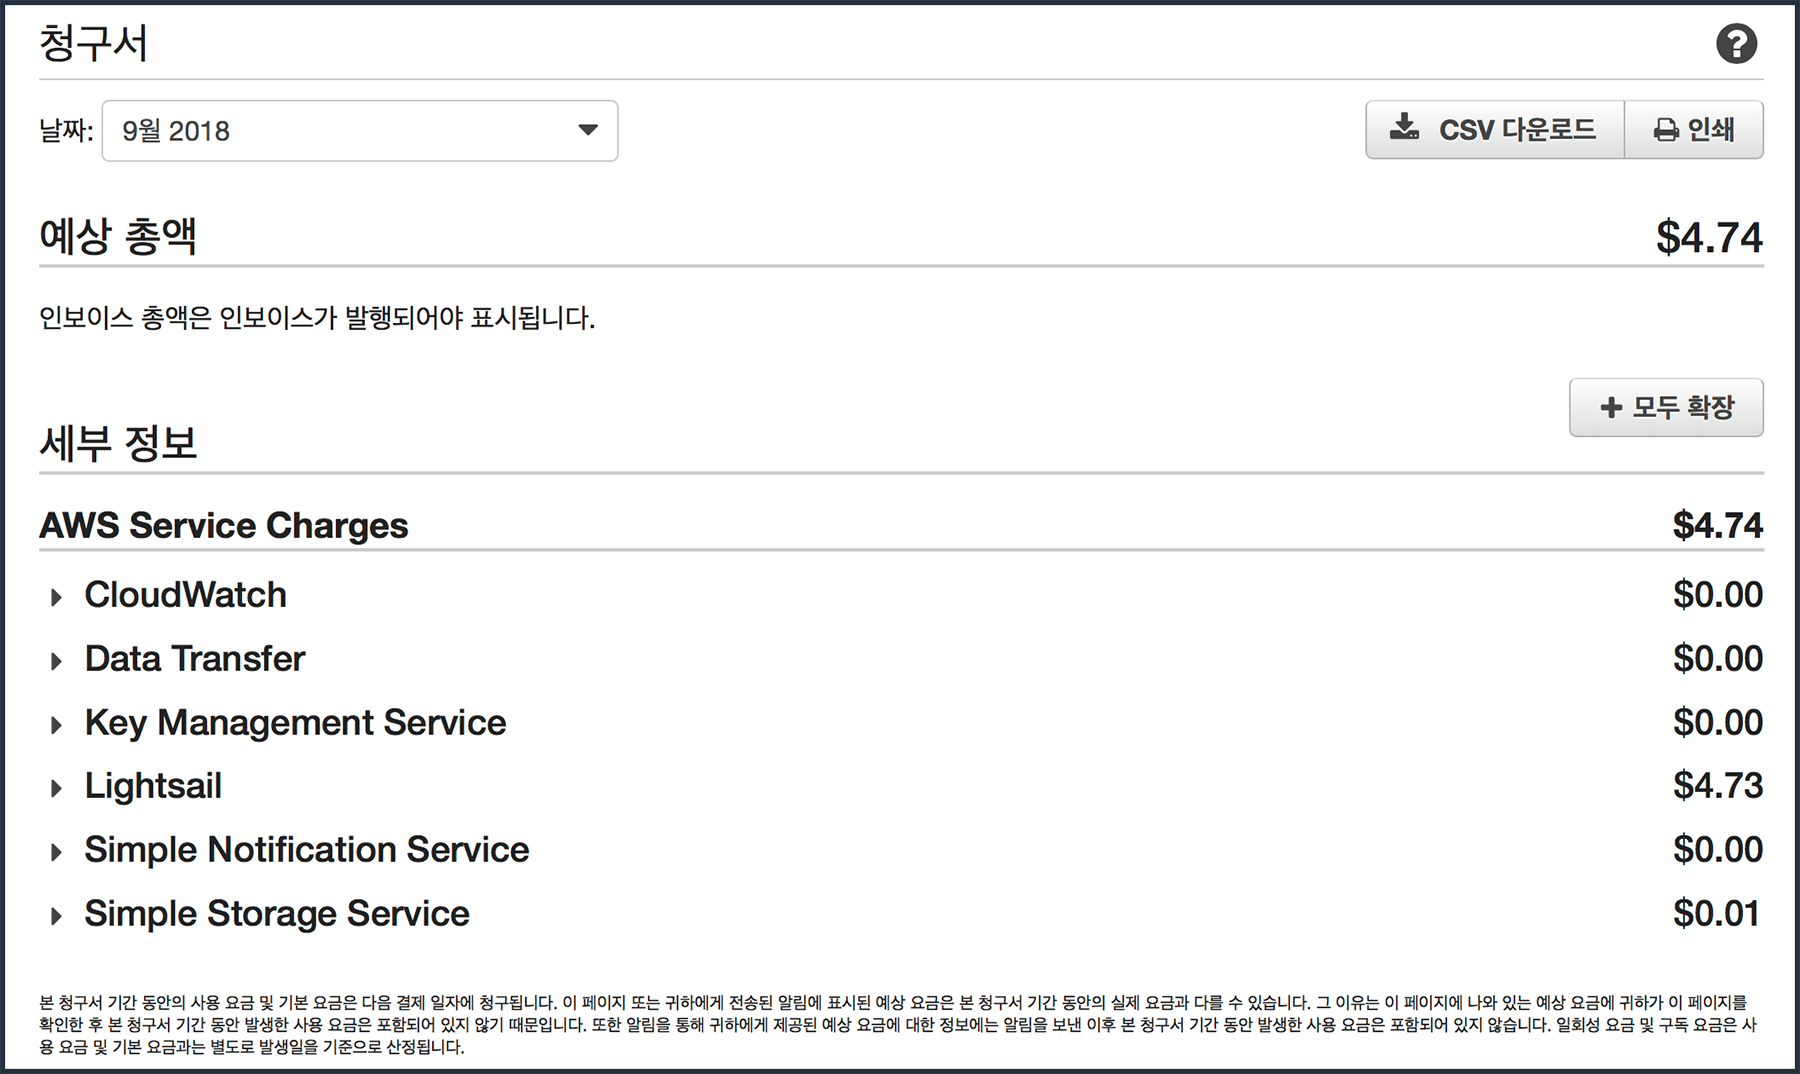 예상총액과 세부 정보로 나누어진 청구서. 서비스별 청구비용 항목